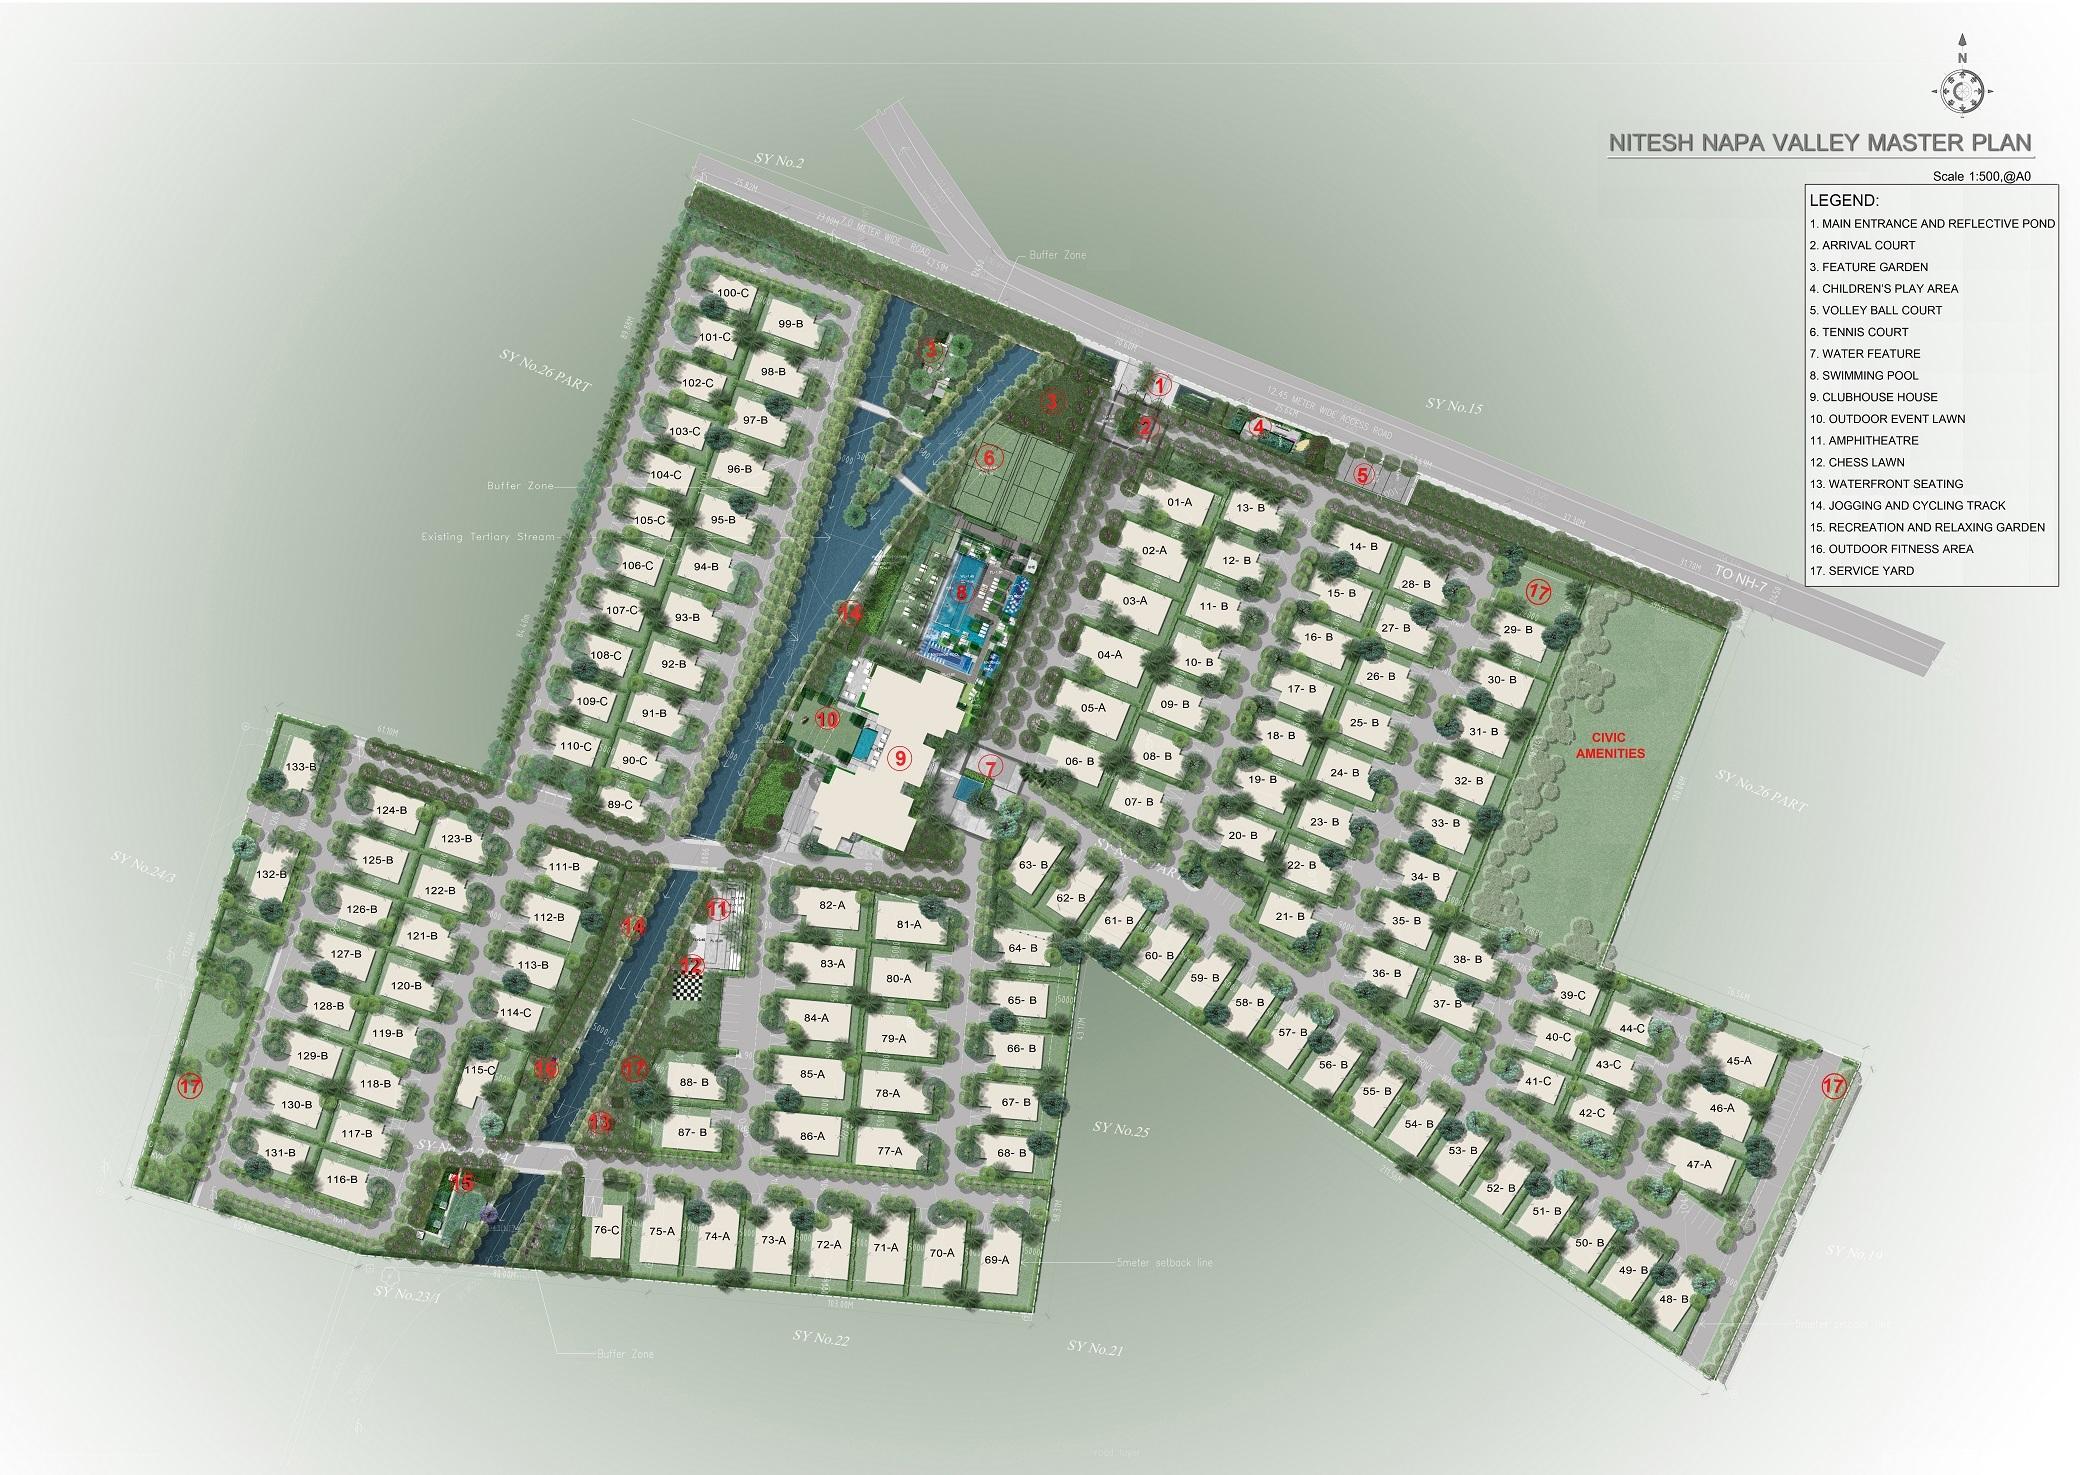 master-plan-image-Picture-nitesh-napa-valley-2023241